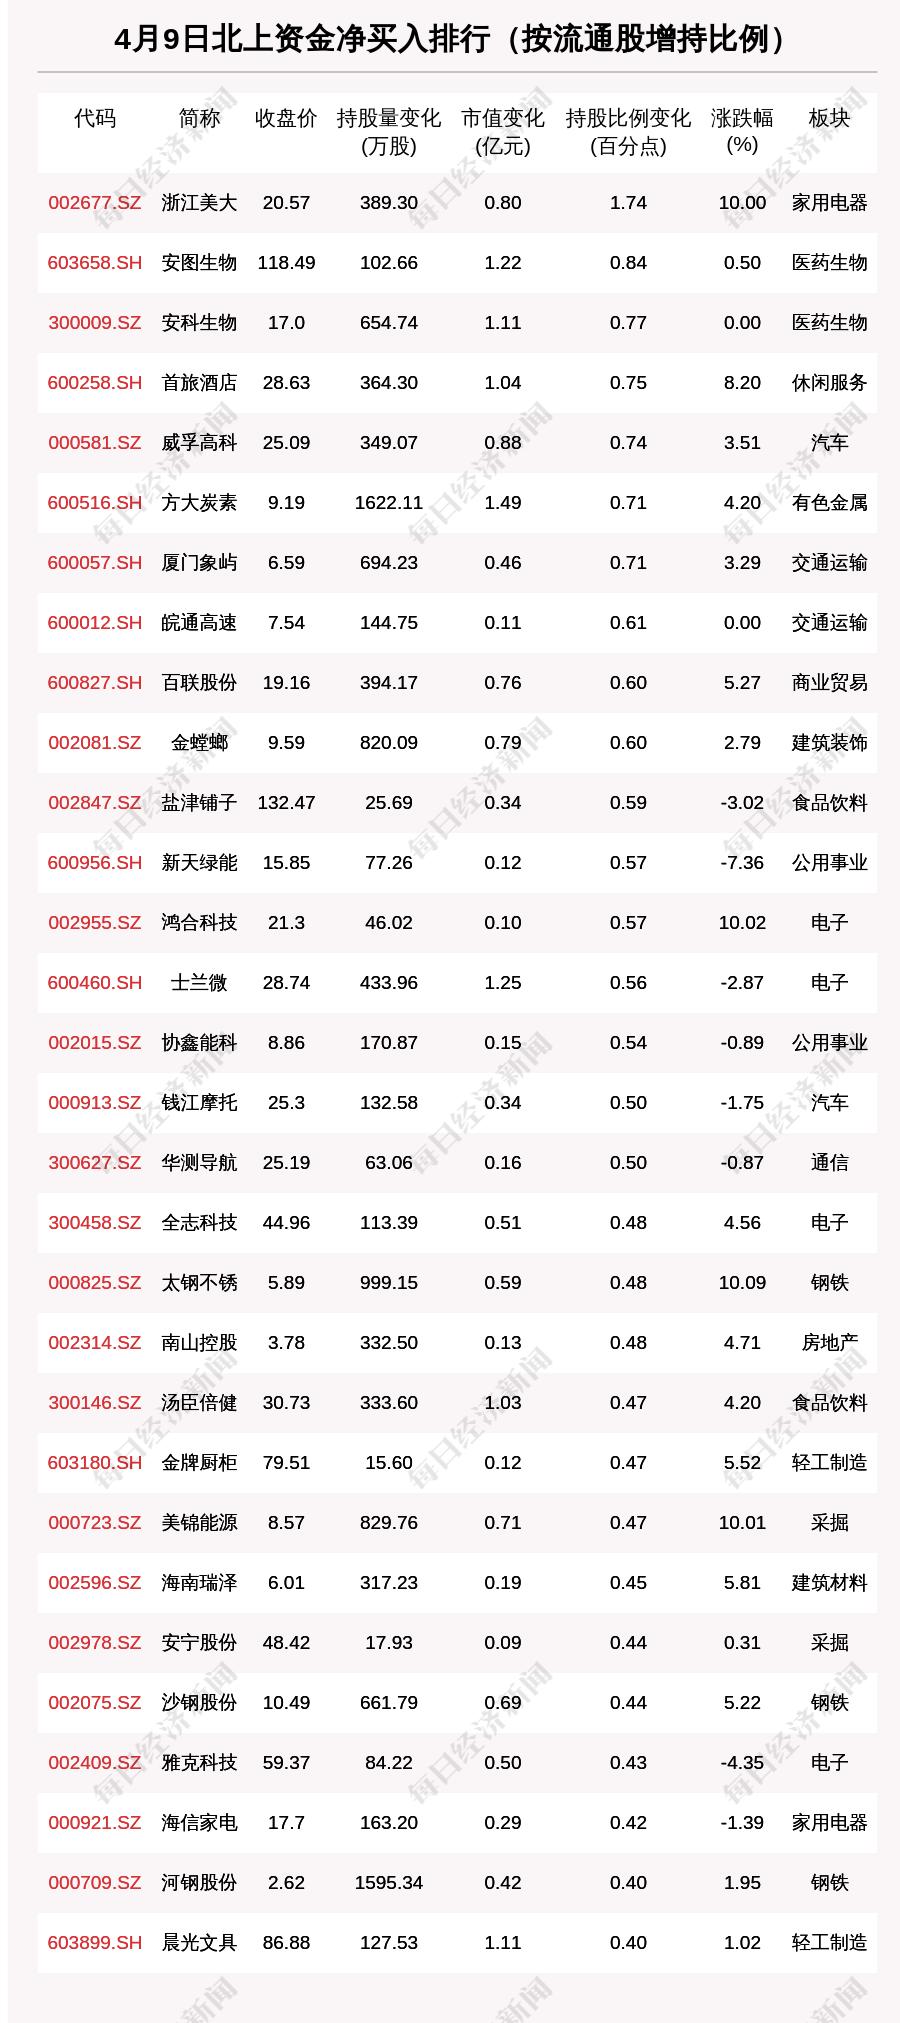 北向资金动向曝光:4月9日这30只个股被猛烈扫货(附名单)